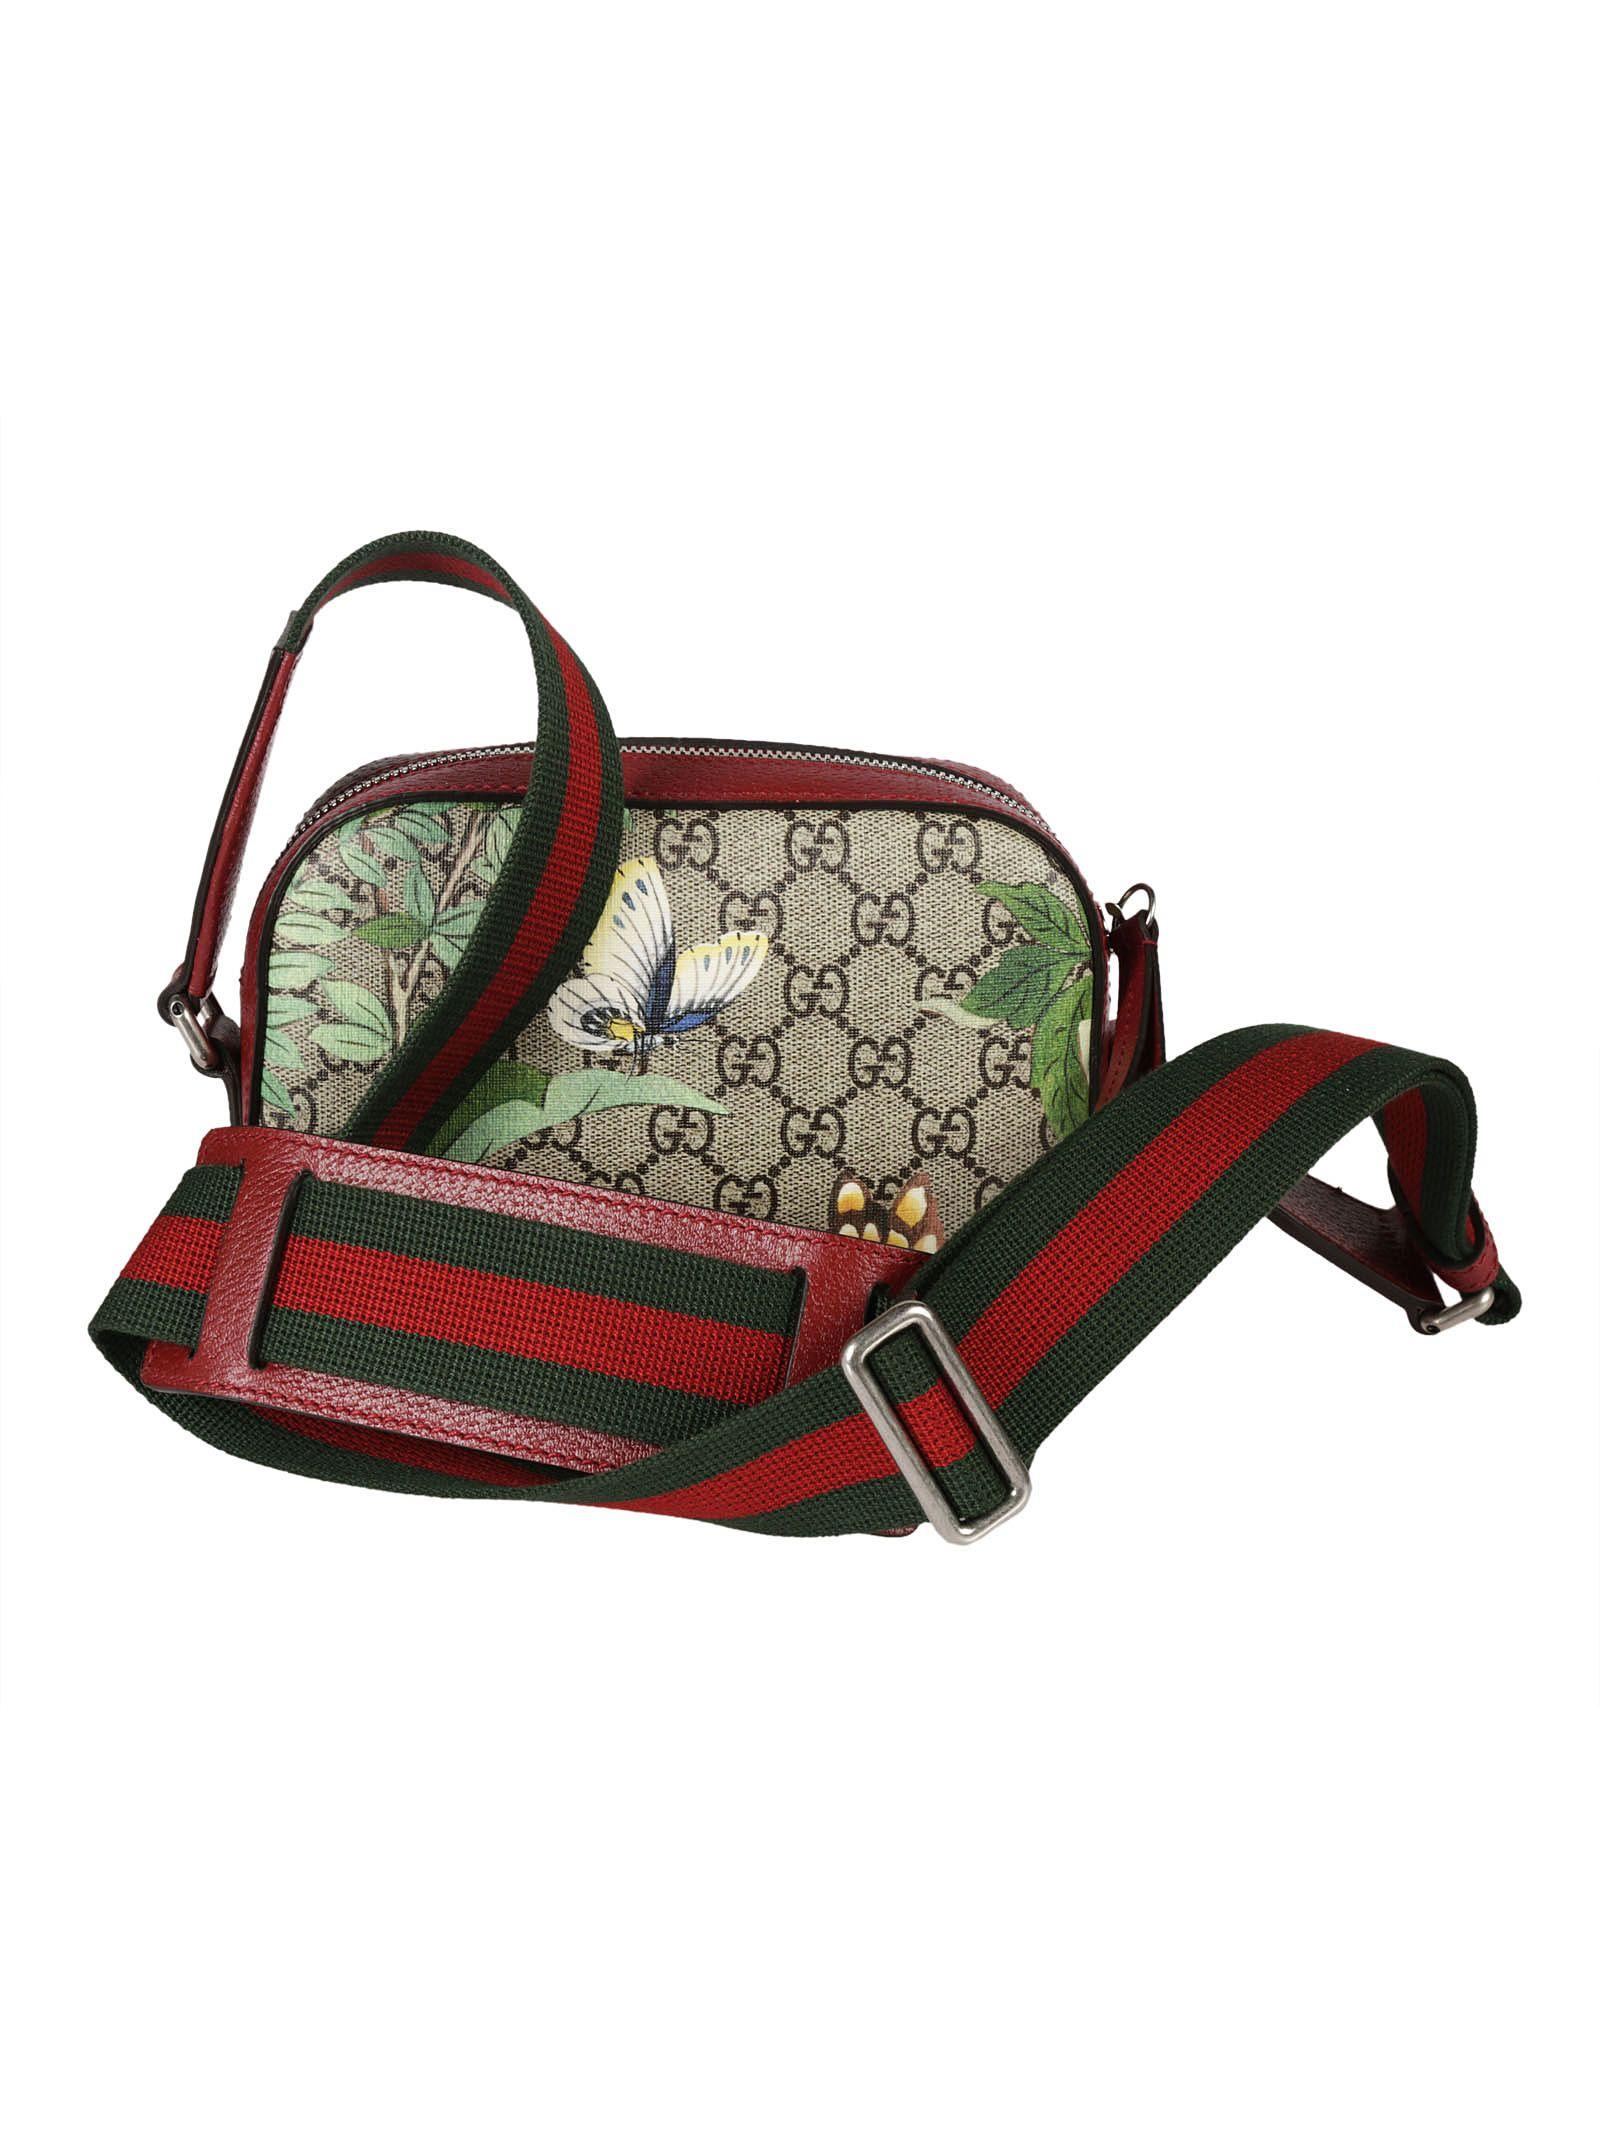 c1b6ab8d2e2e Gucci Gucci Tian Print GG Supreme Shoulder Bag - Multicolor ...